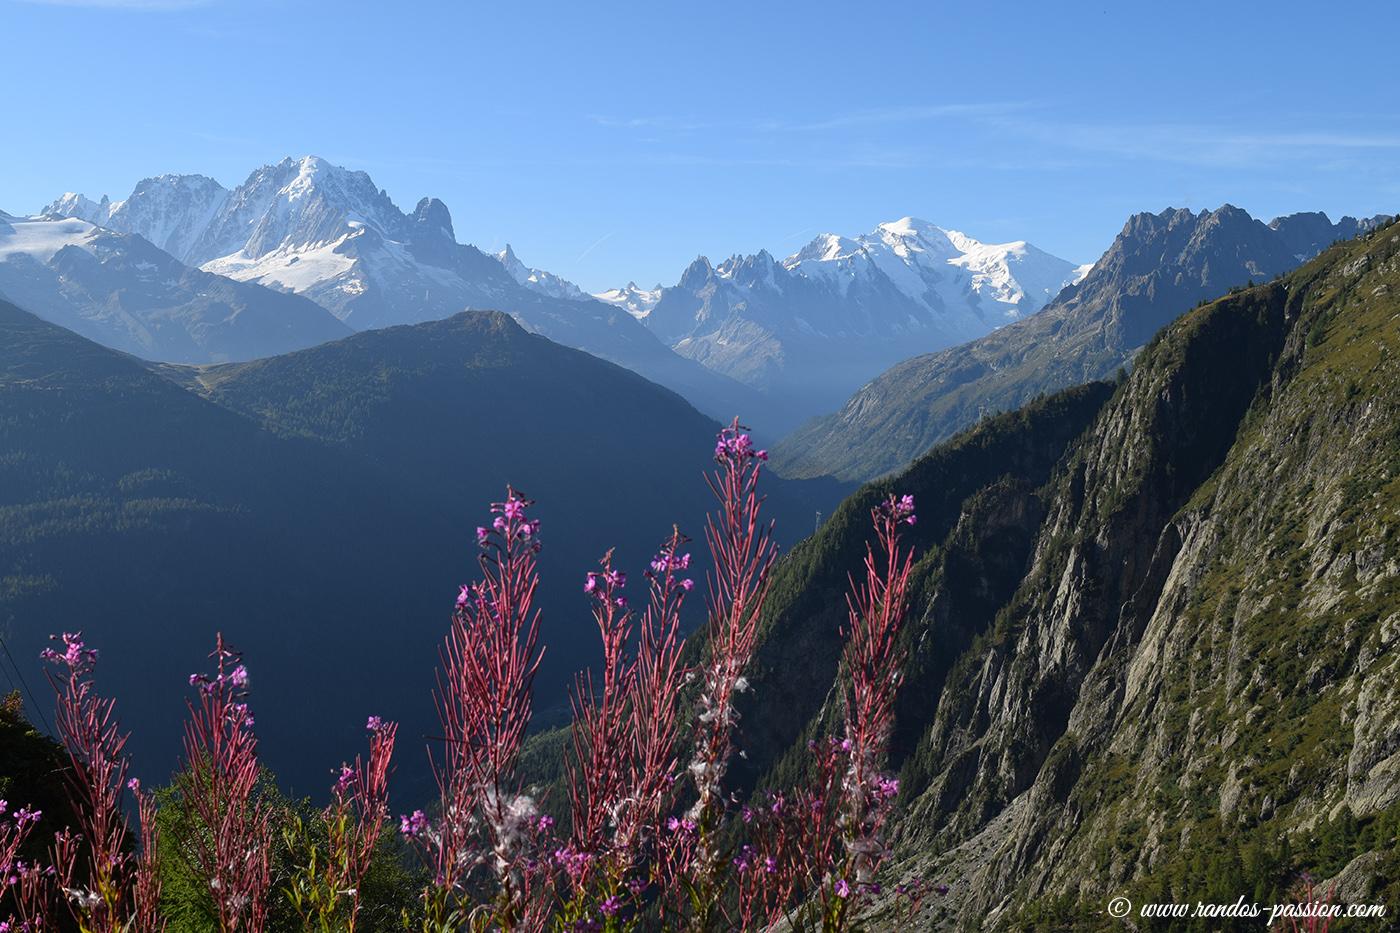 Vue sur le massif du Mont-Blanc depuis le barrage d'Émosson